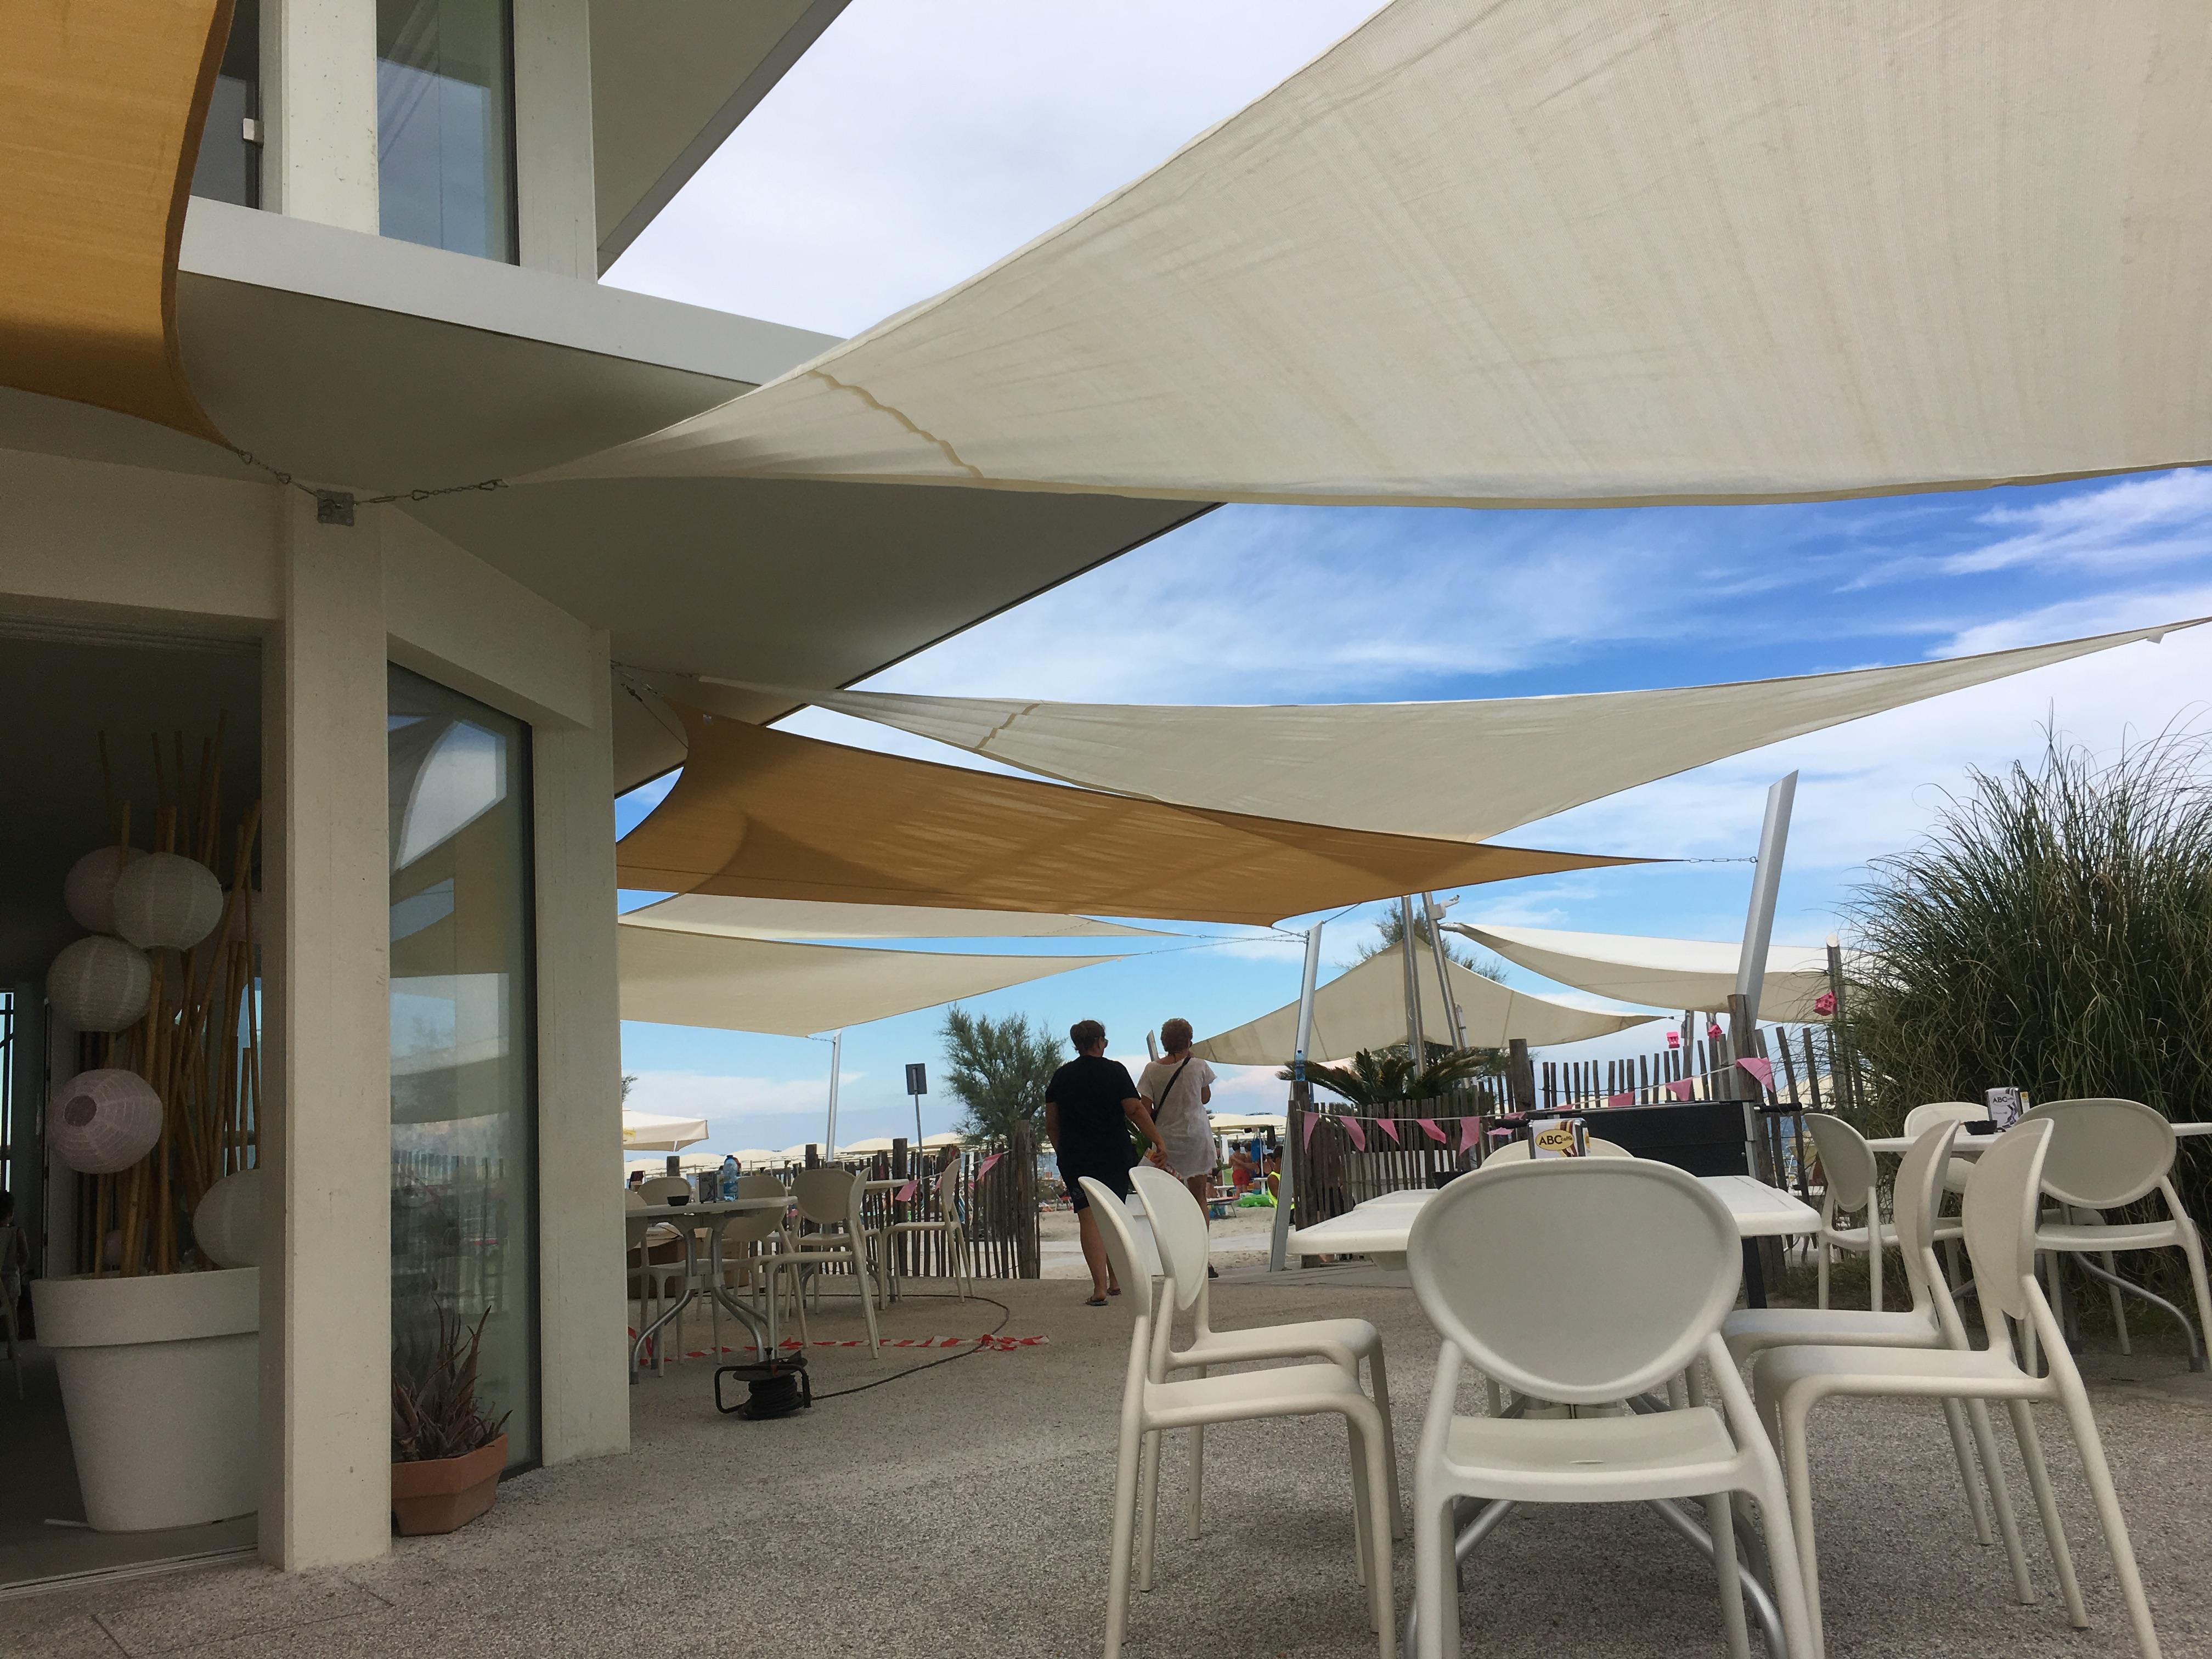 wassedichte dreieckige Sonnensegel für Außenbereich von Café